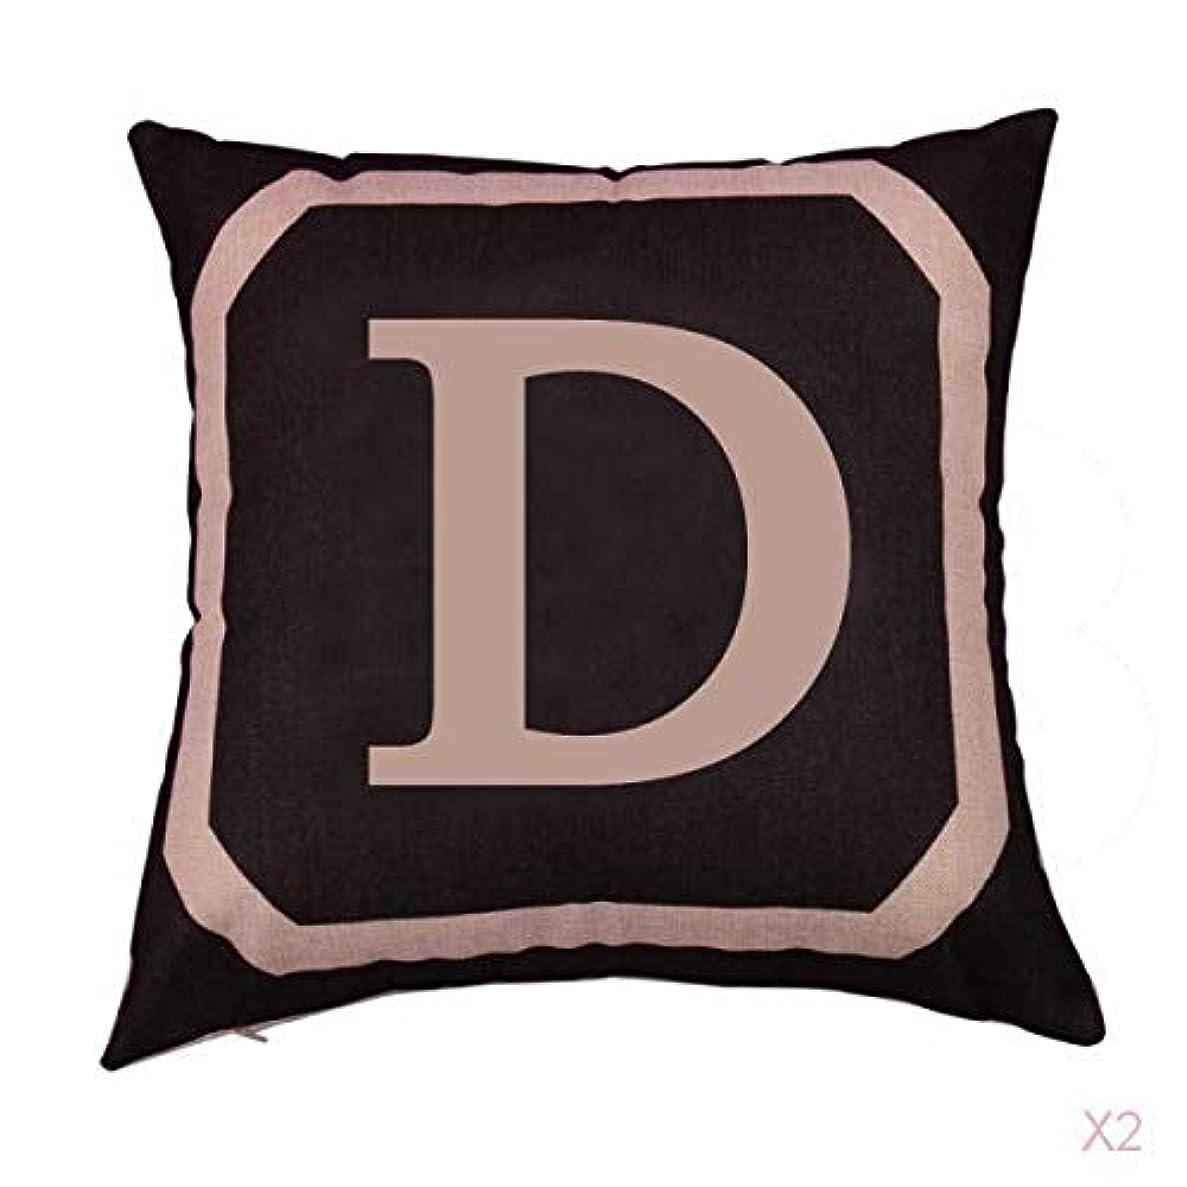 ナインへ帝国腕正方形の綿のリネンスローピローケース腰クッションカバーベッドソファ装飾さd